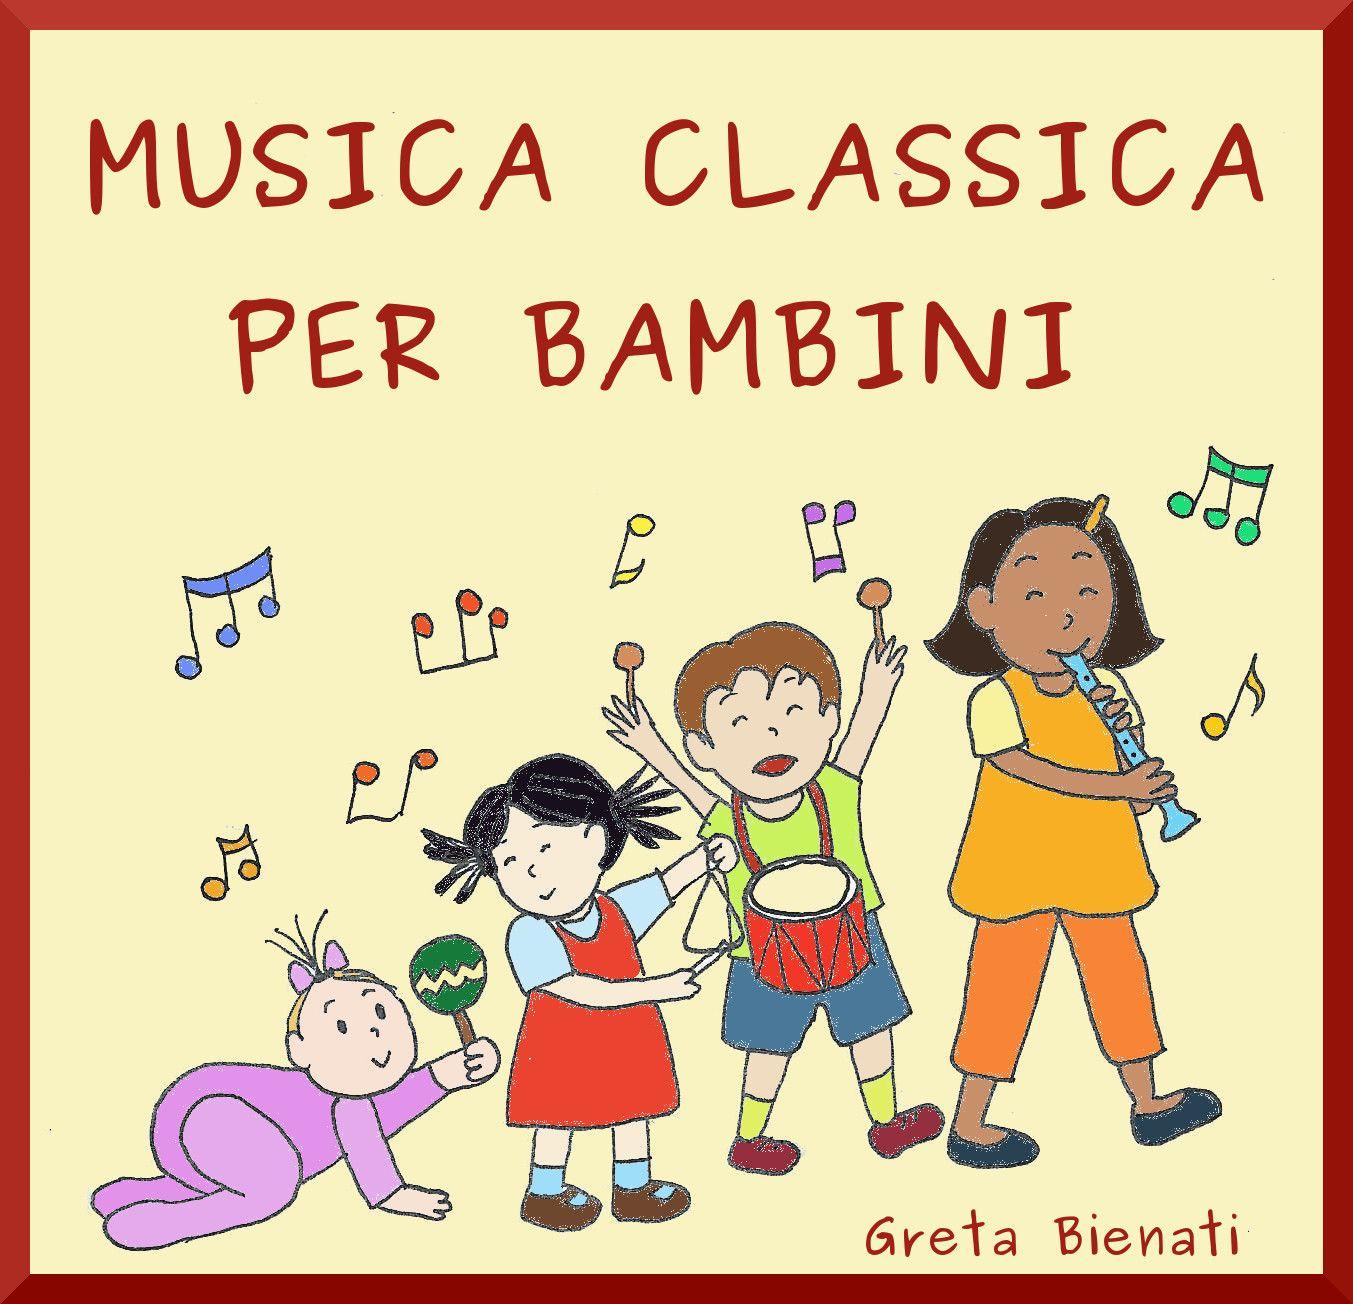 Musica classica per bambini e